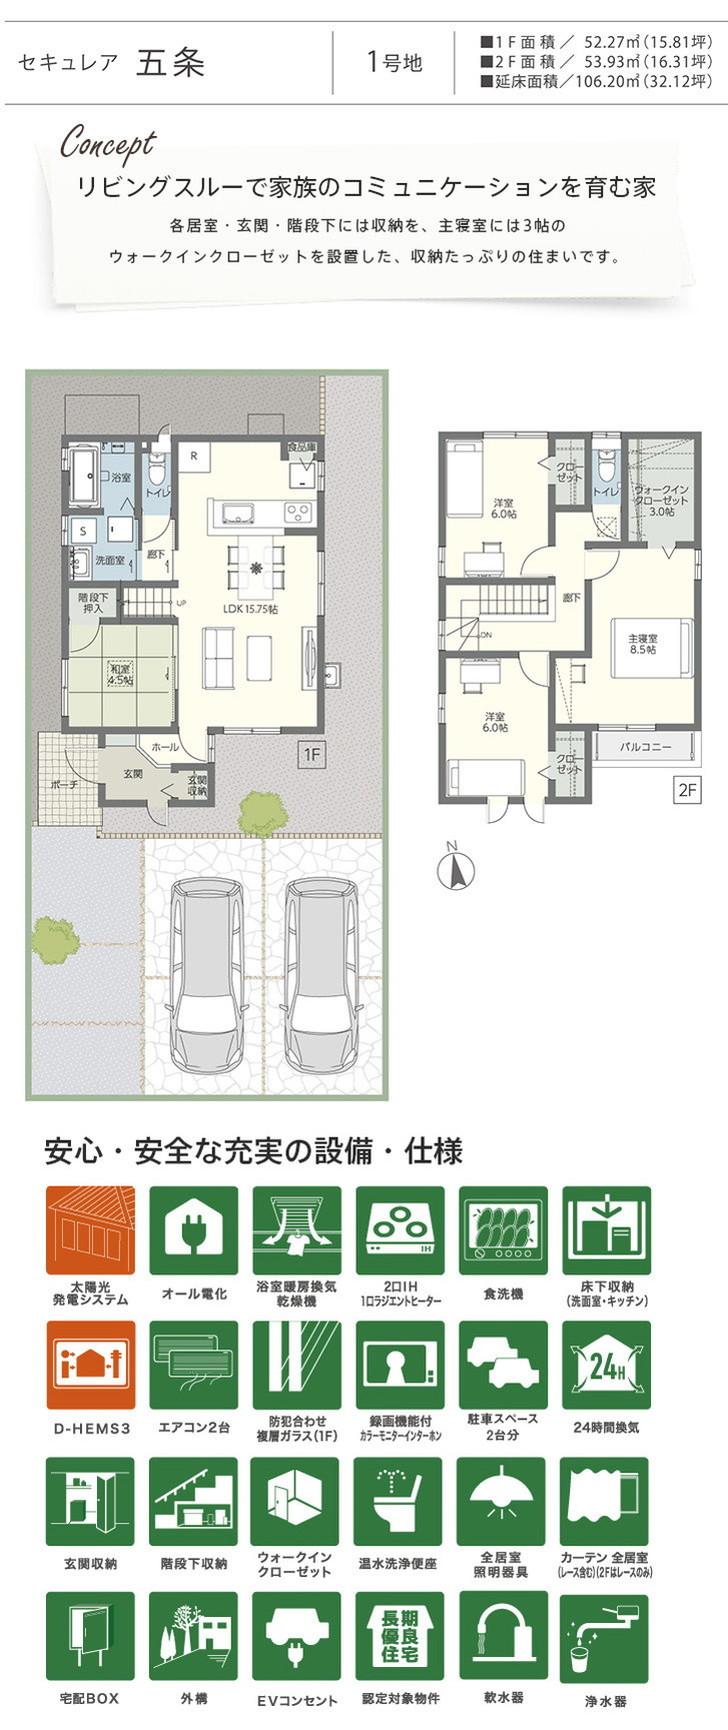 【ダイワハウス】セキュレア五条 (分譲住宅)の画像